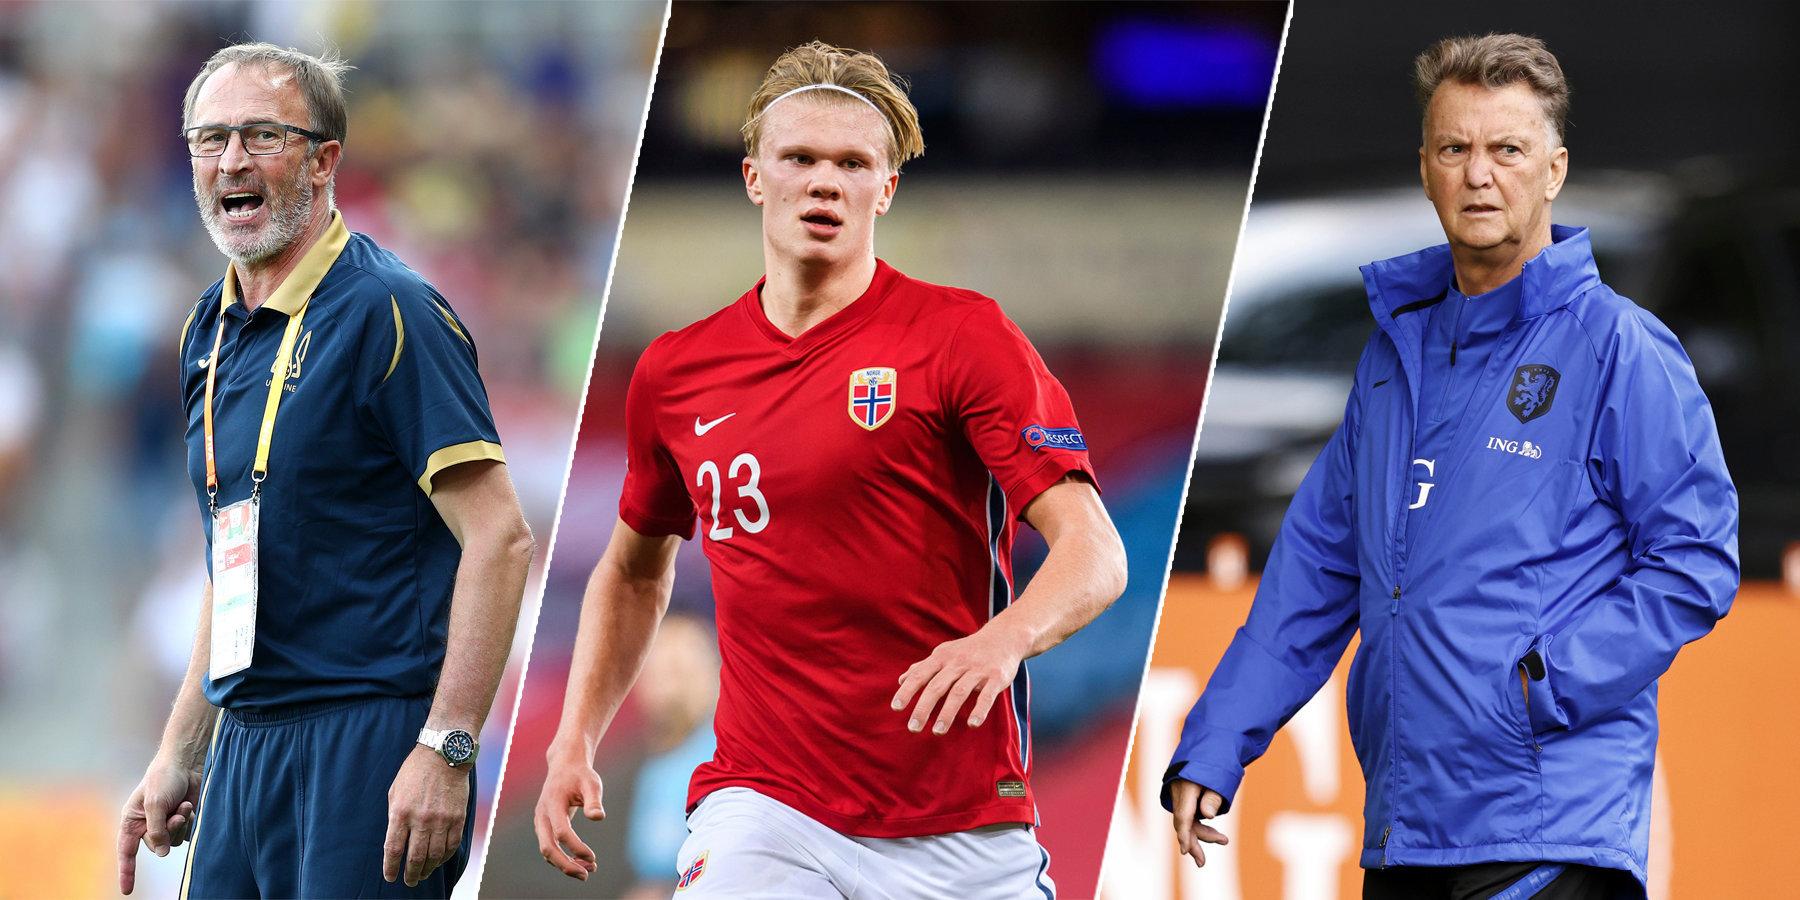 Постсоветское дерби, шанс Холанда, возвращение ван Гала… Что смотреть в отборе на ЧМ?